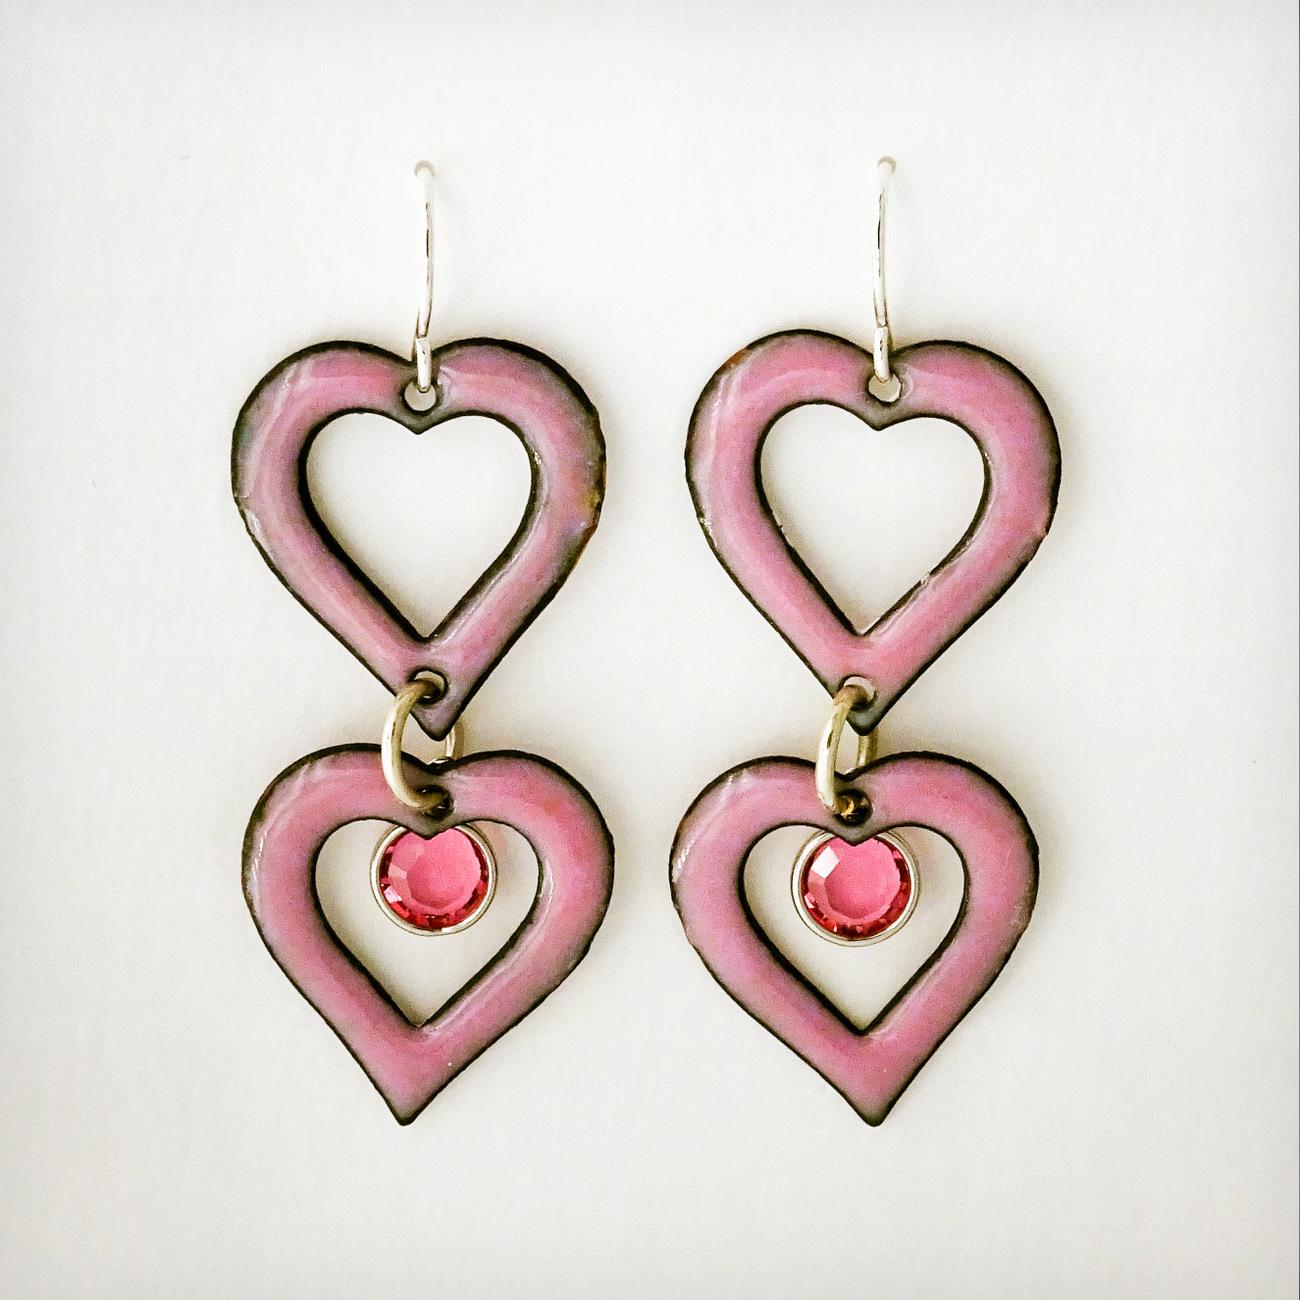 6-BLUE PANSY, D. McEachen, Double Heart Earrings-003.JPG